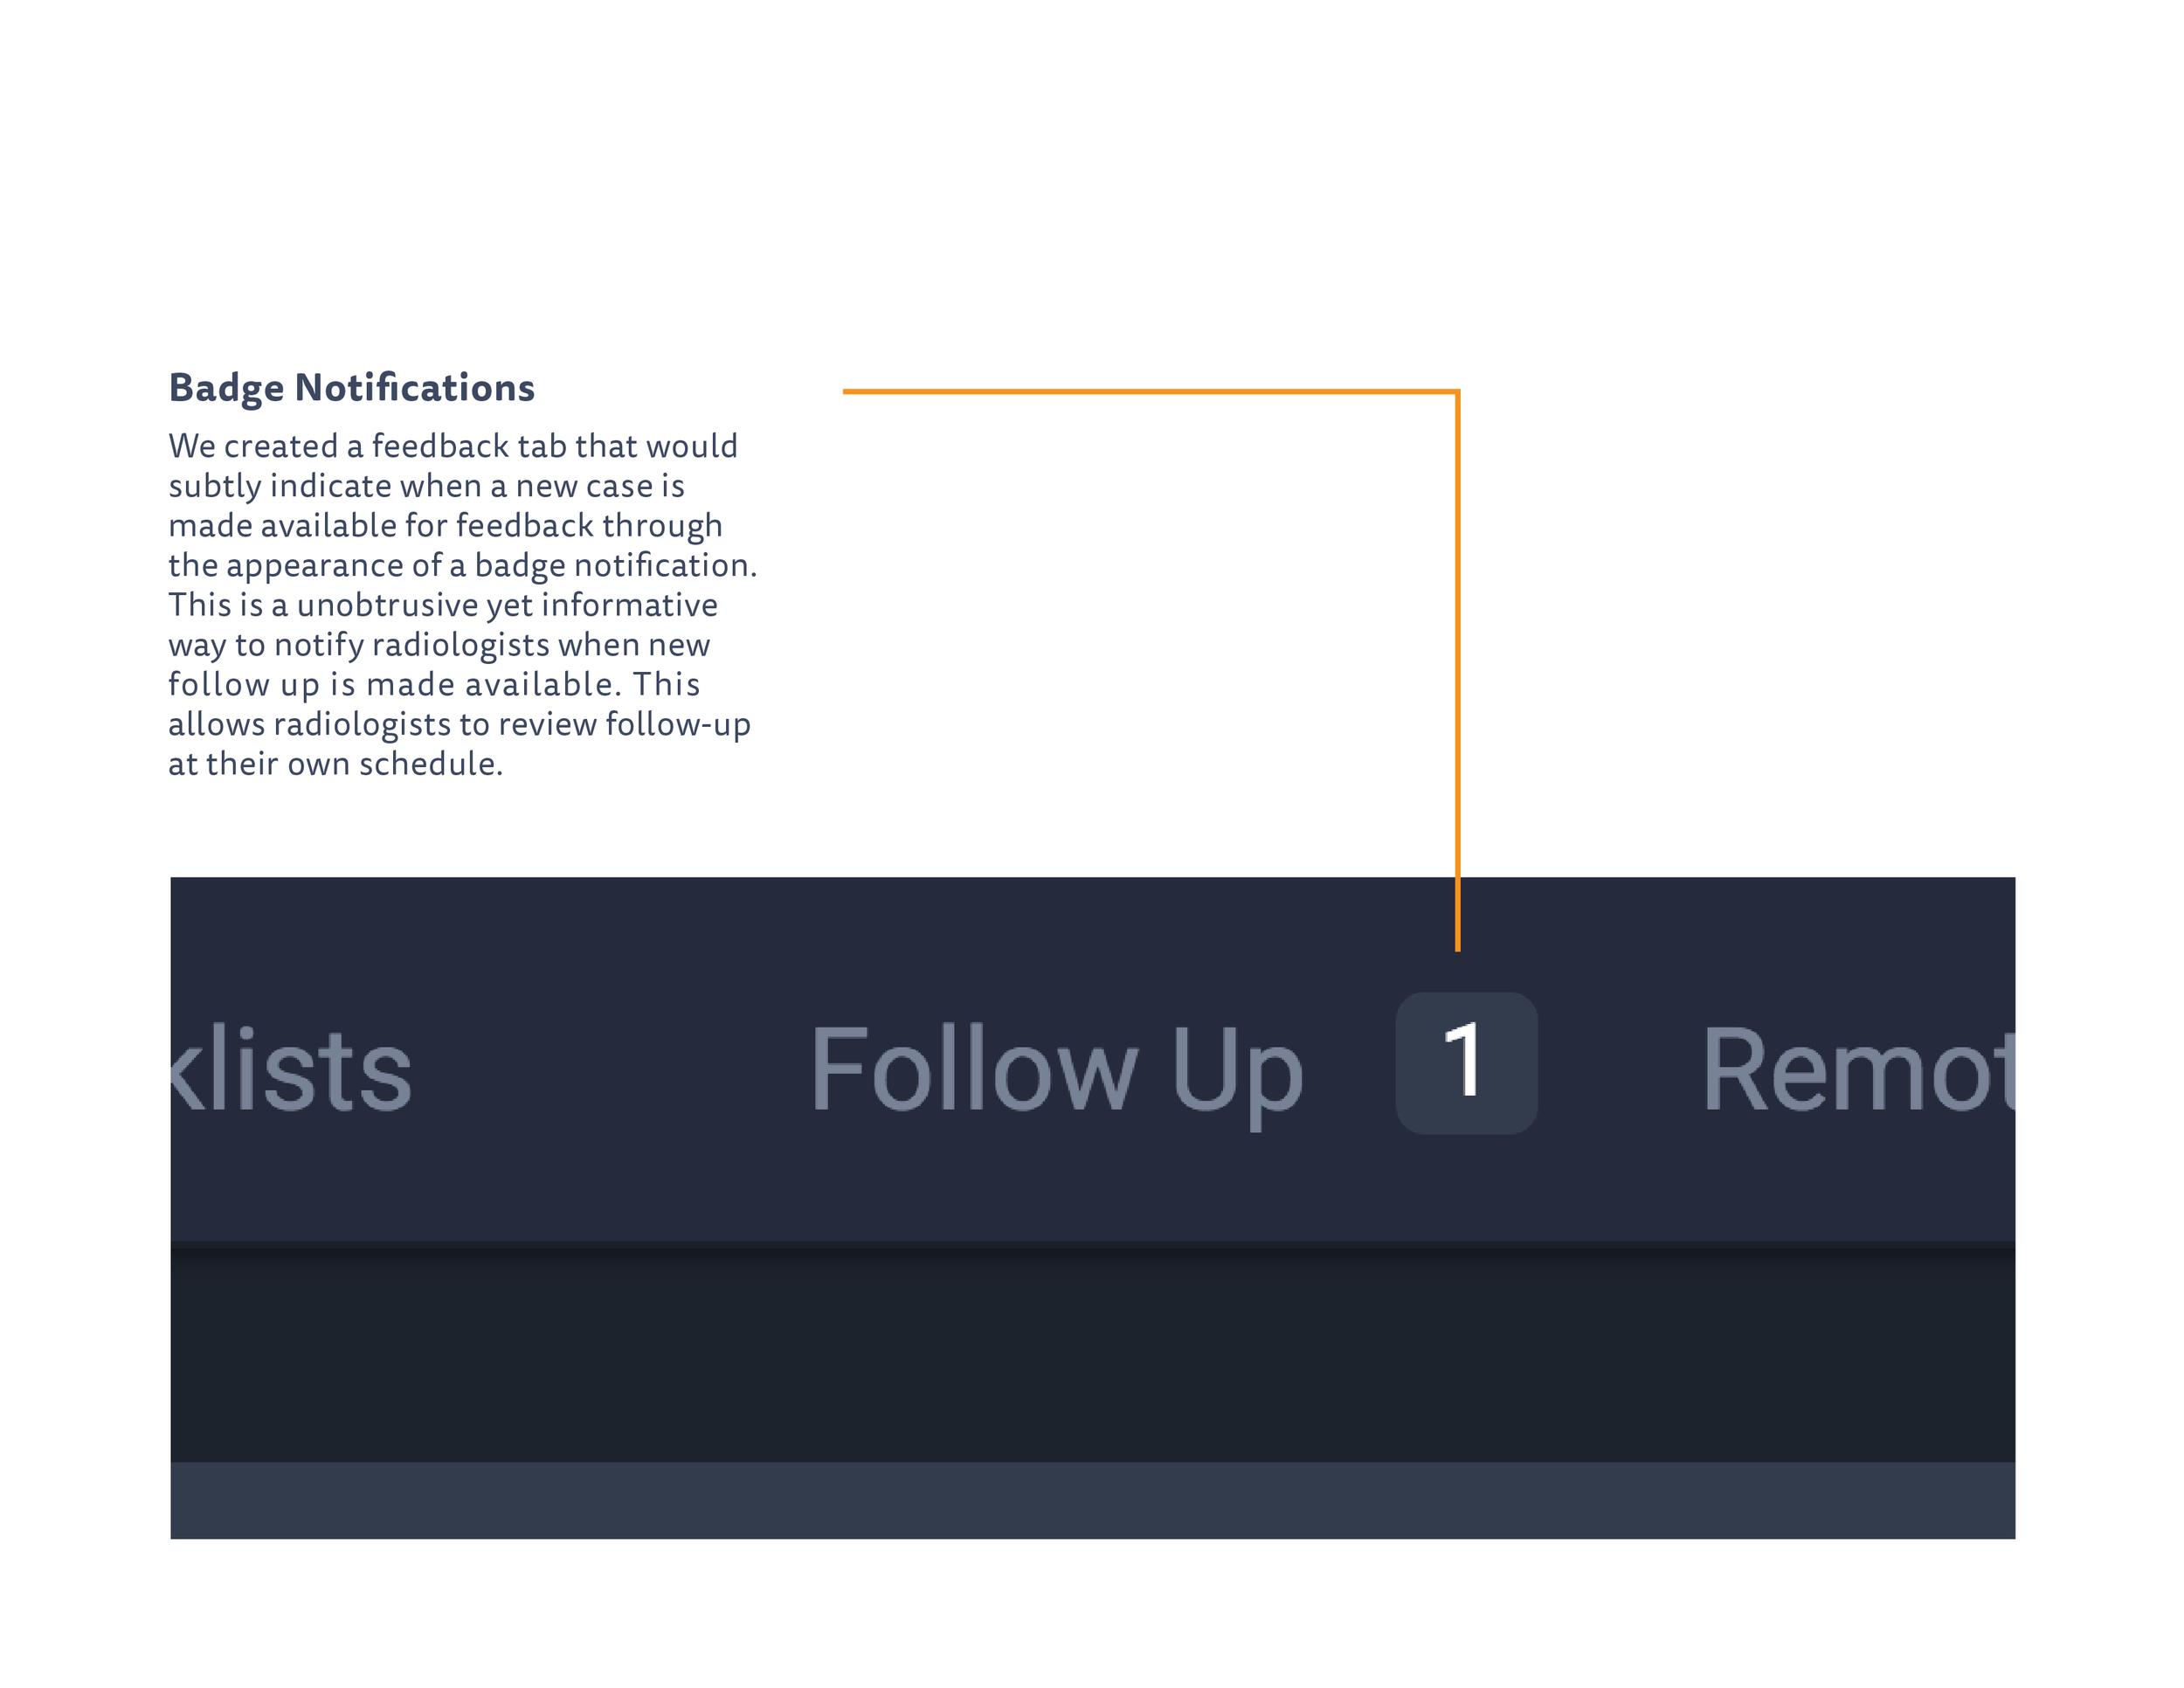 hci_screenshot_annotations-03.jpg